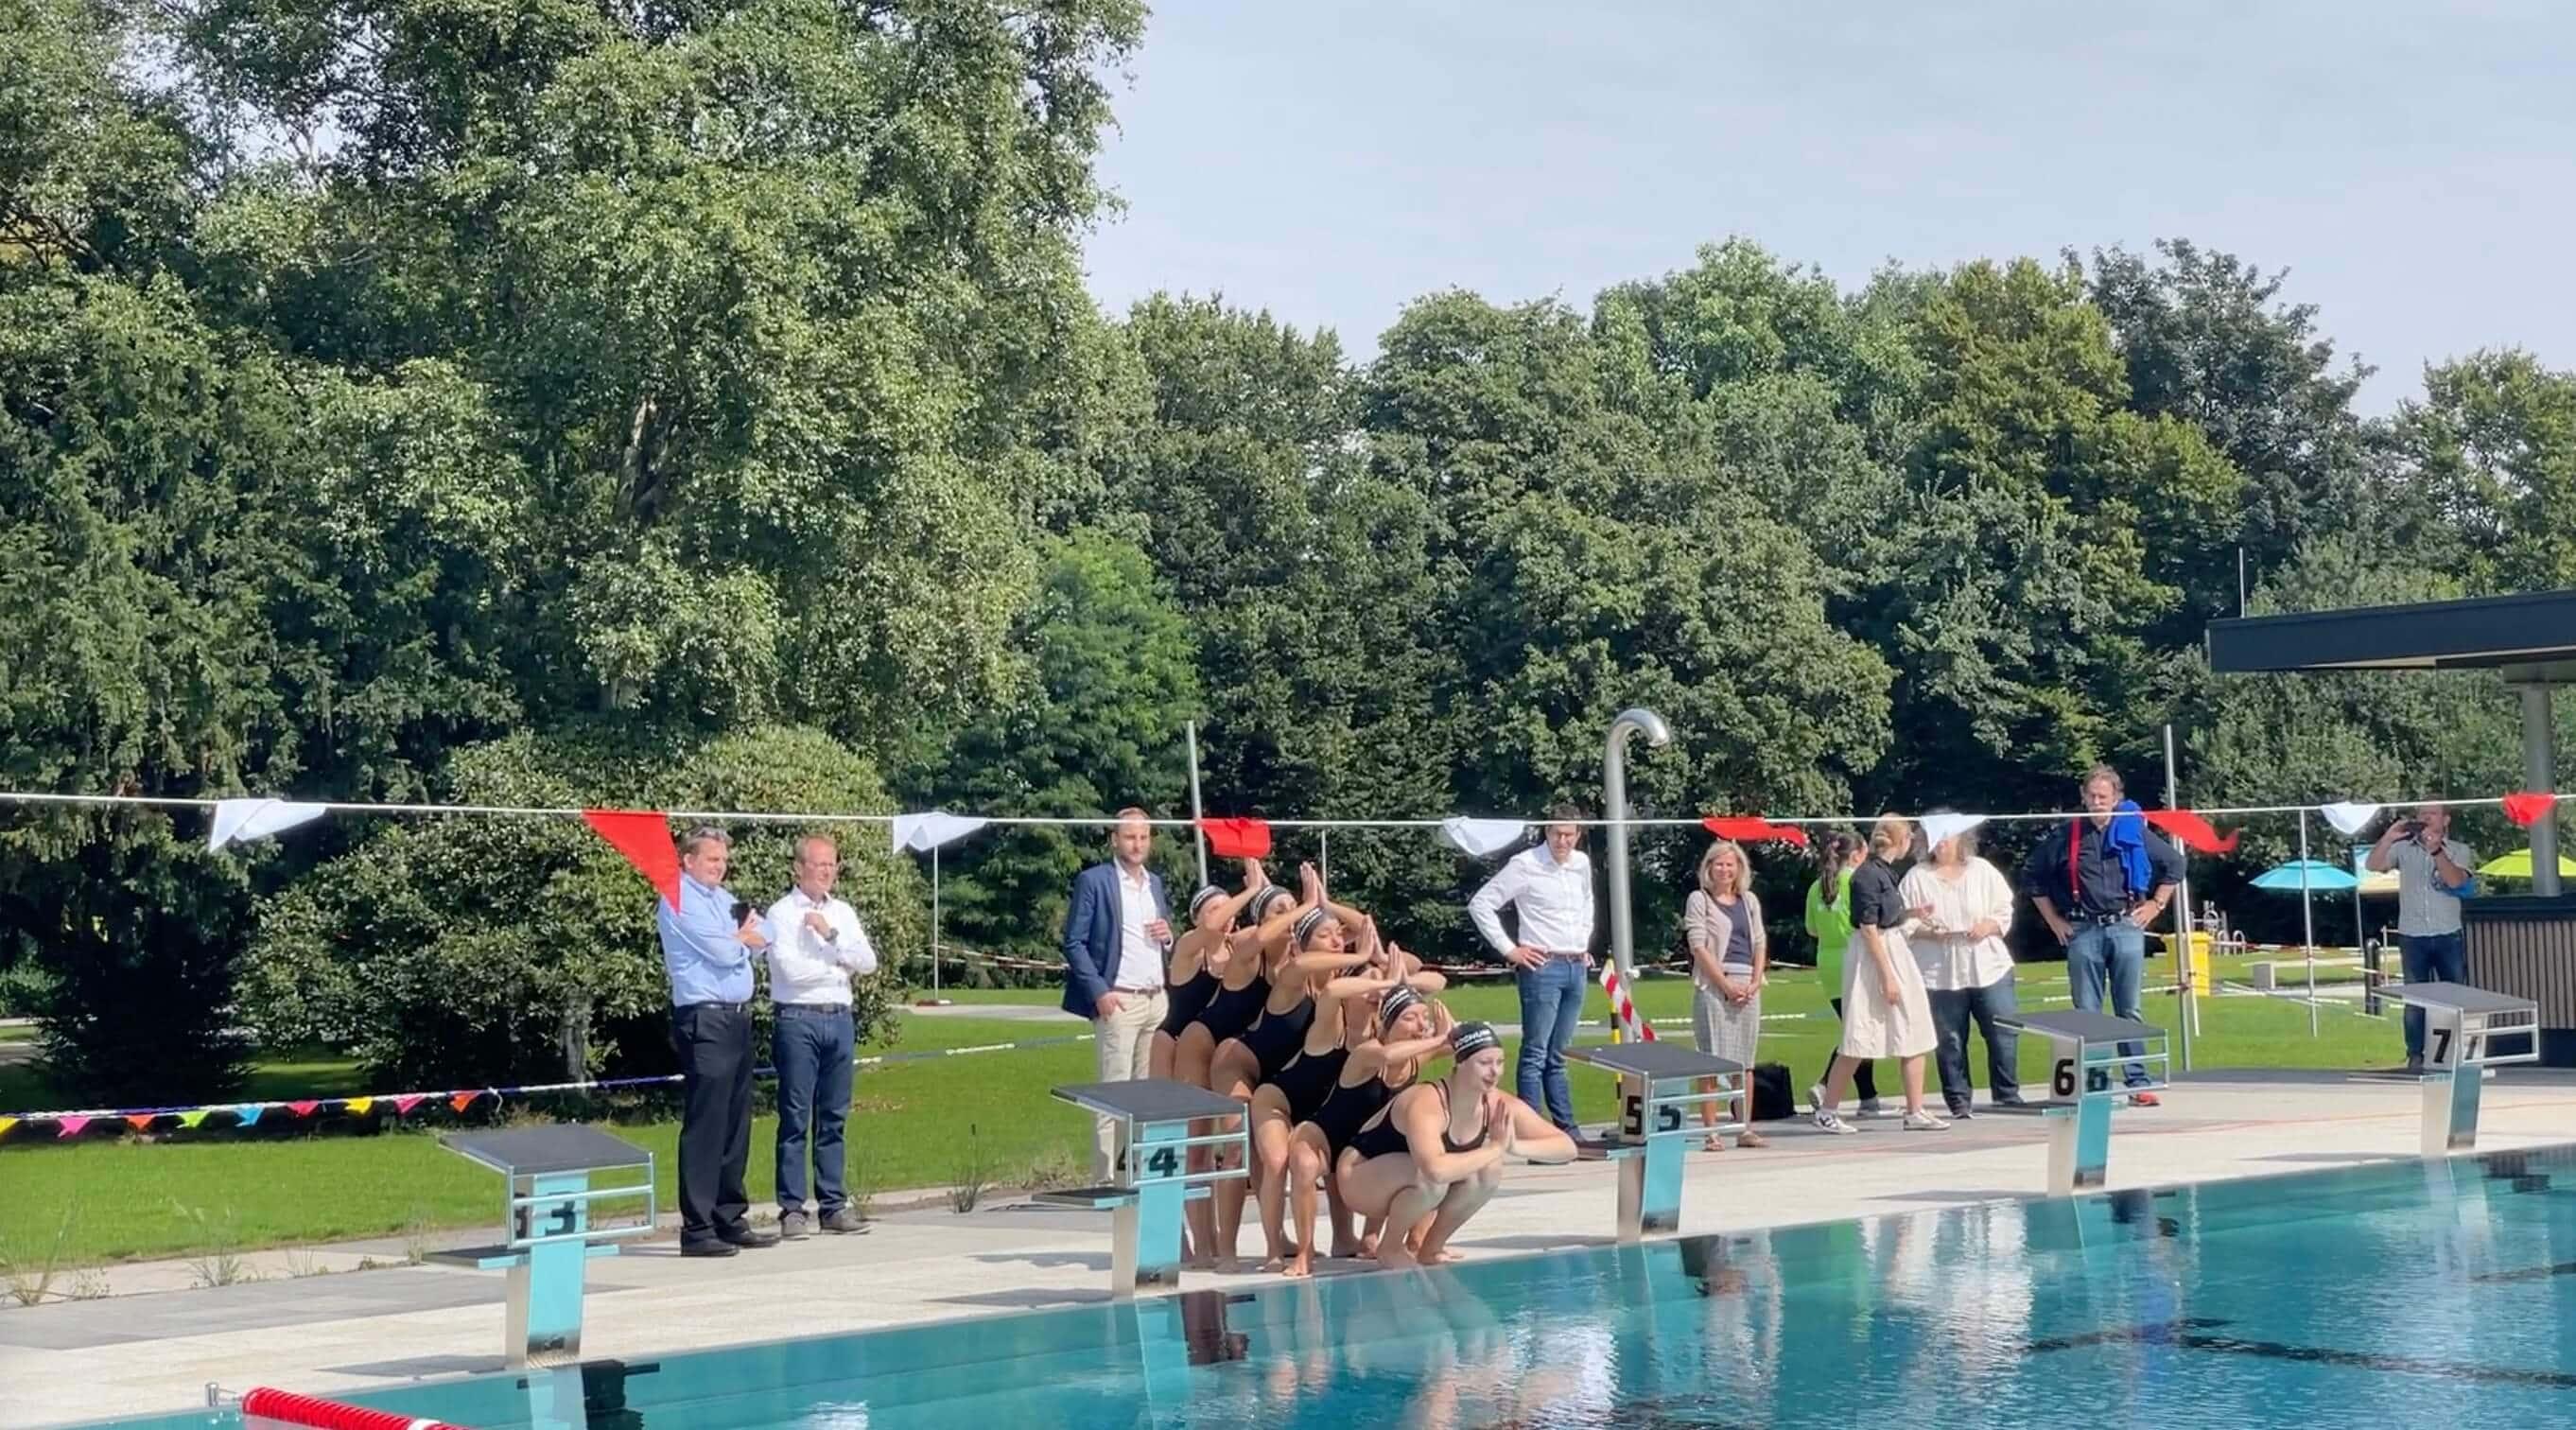 Freibad Werne (WasserWelten Bochum): Synchronschwimmen